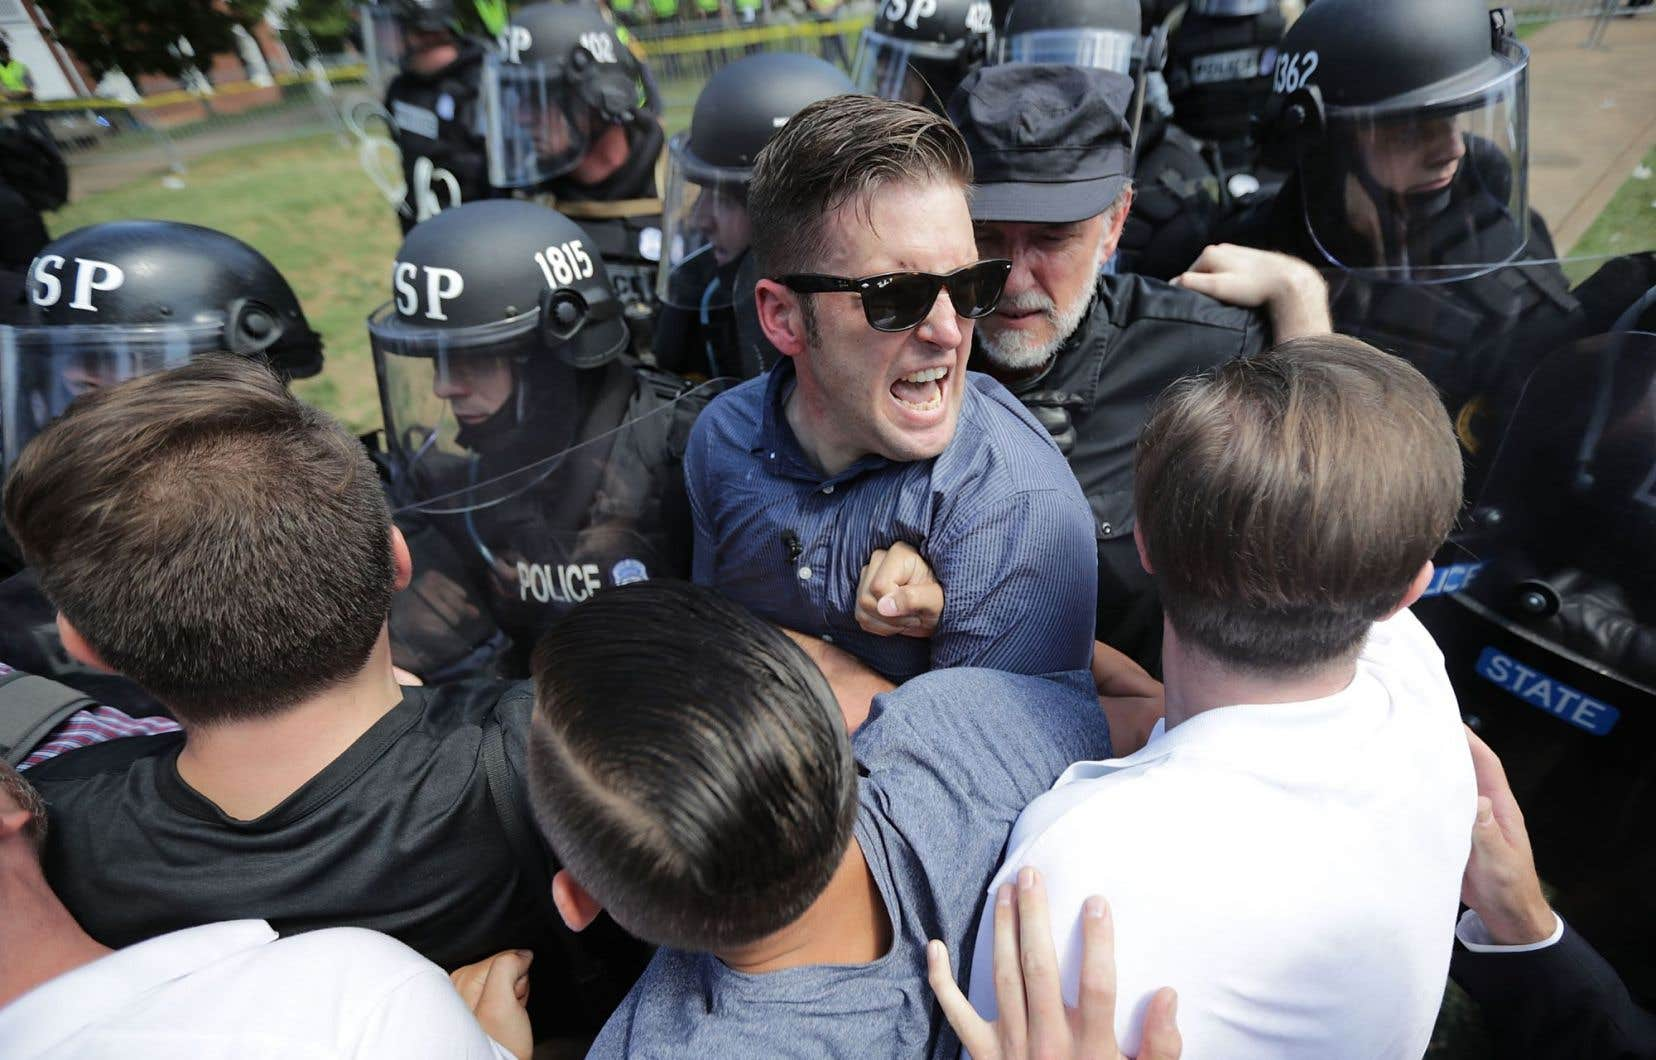 La question est apparue lorsqu'une vidéo de Richard Spencer, chef de file du mouvement «alt-right», en photo,se faisant frapper par un militant du mouvement antifasciste devint virale au mois de janvier dernier.